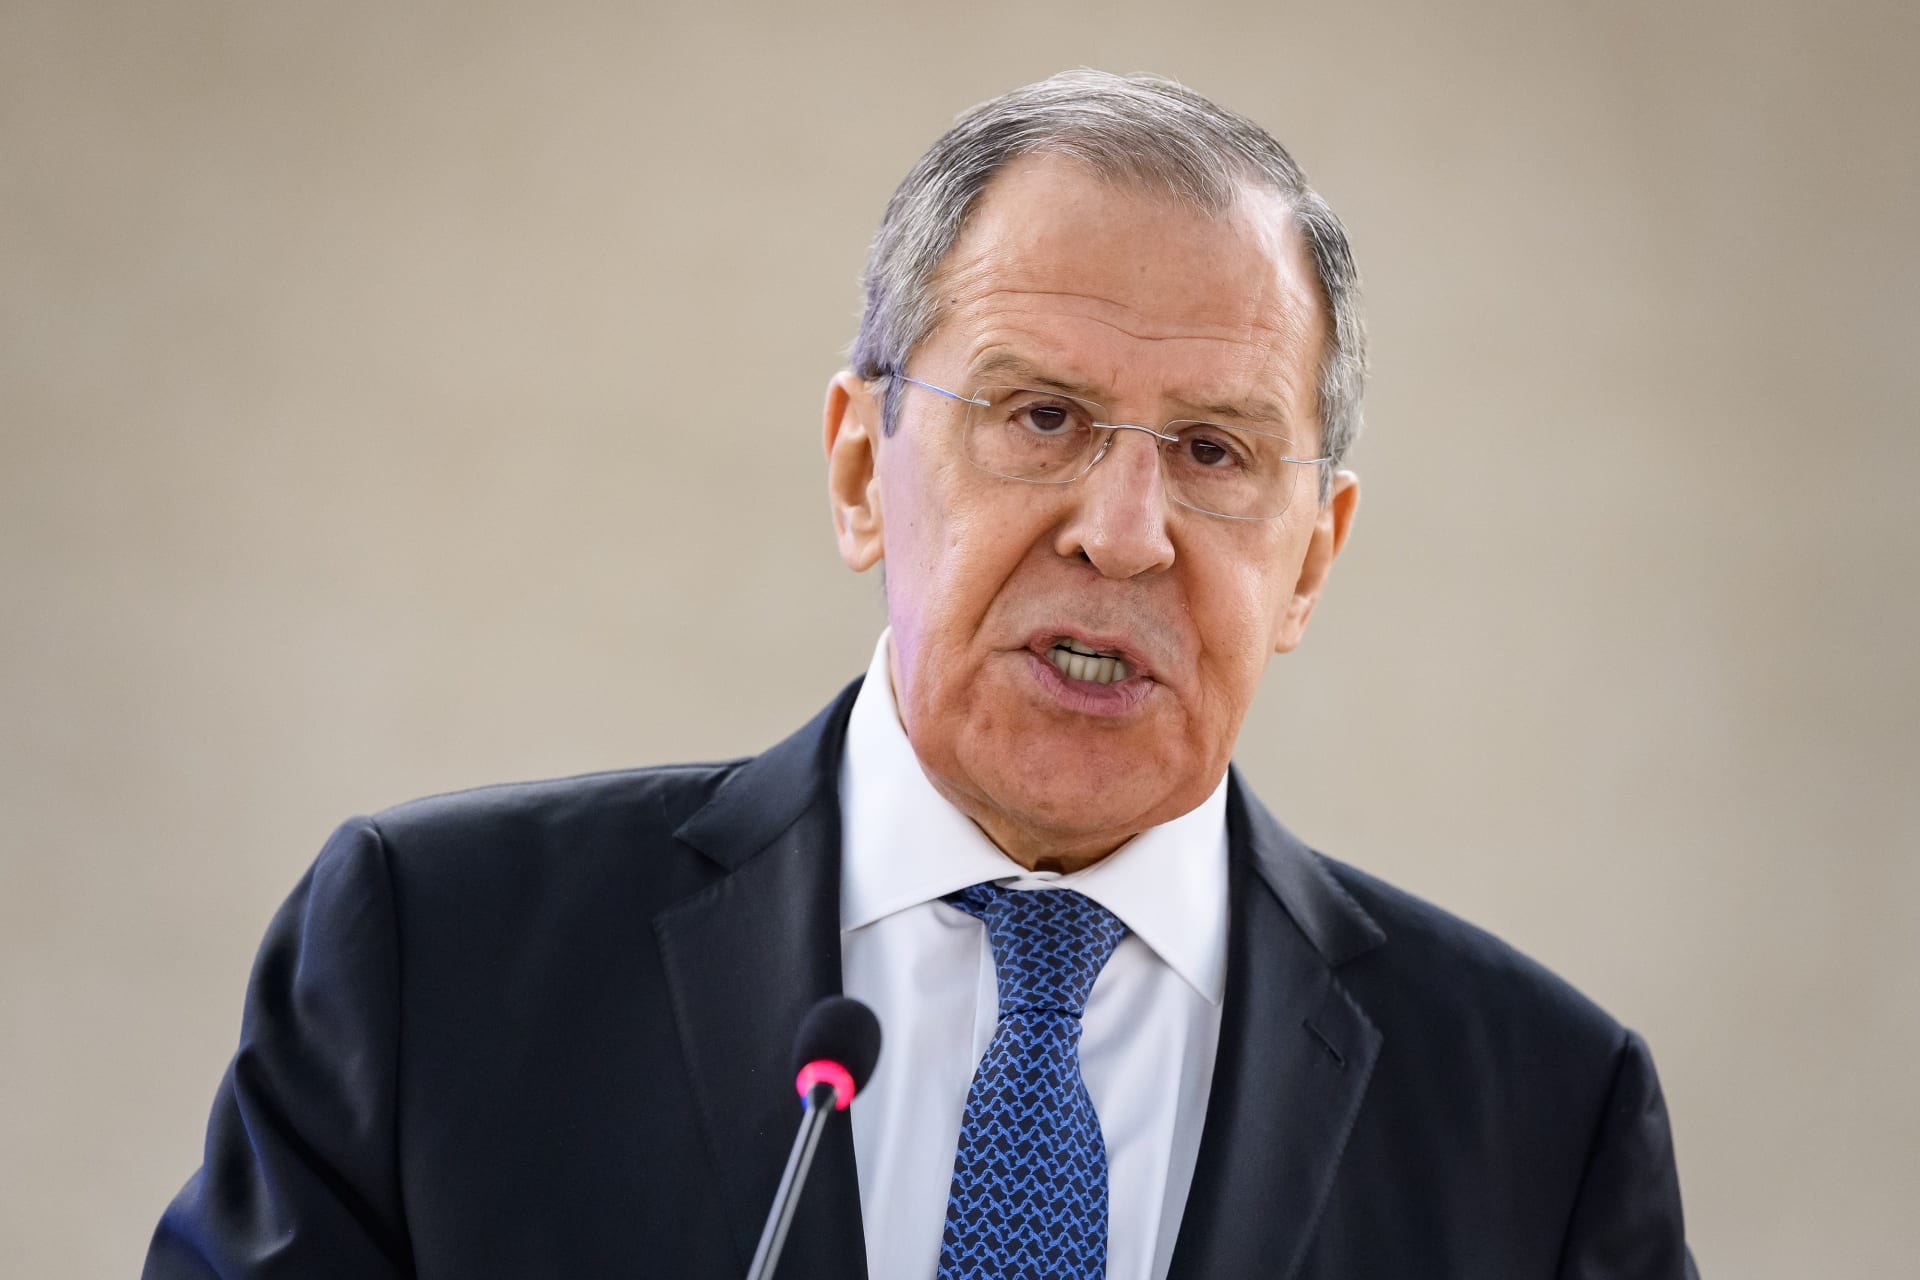 """لافروف: روسيا """"مستعدة"""" لقطع العلاقات مع الاتحاد الأوروبي إذا فرضت عقوبات جديدة"""